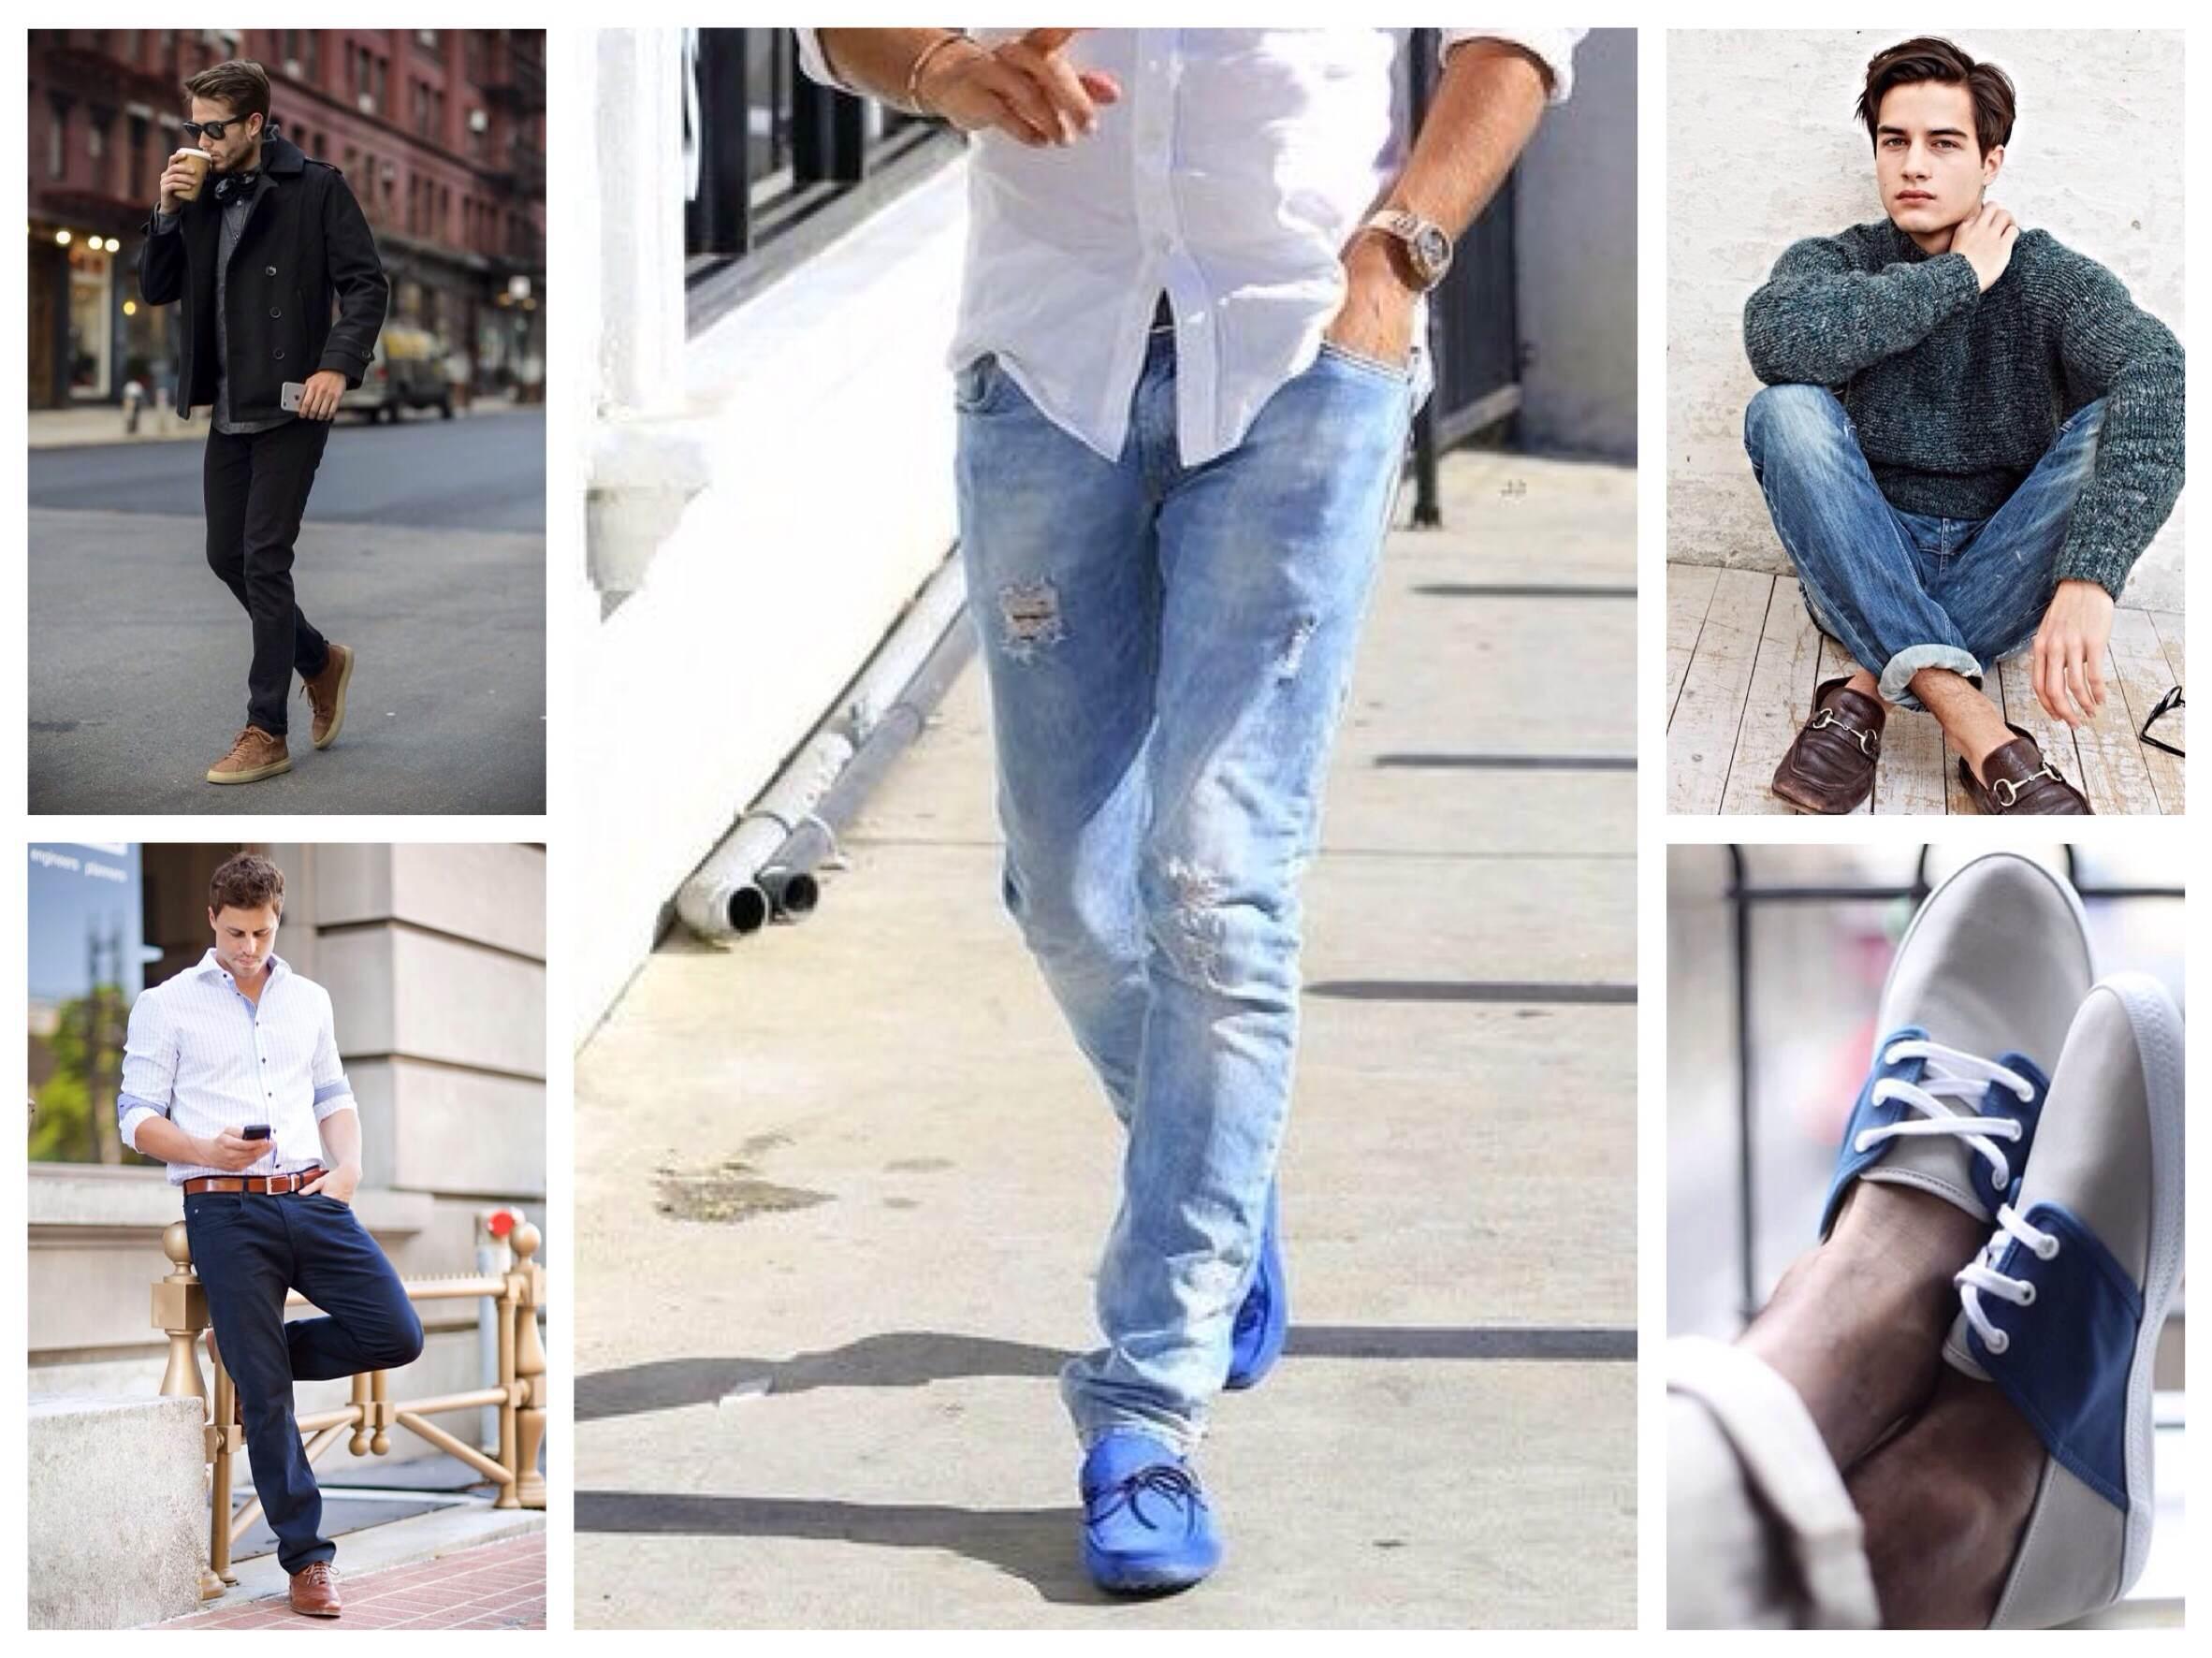 Картинки по запросу Как подобрать мужскую обувь под джинсы?